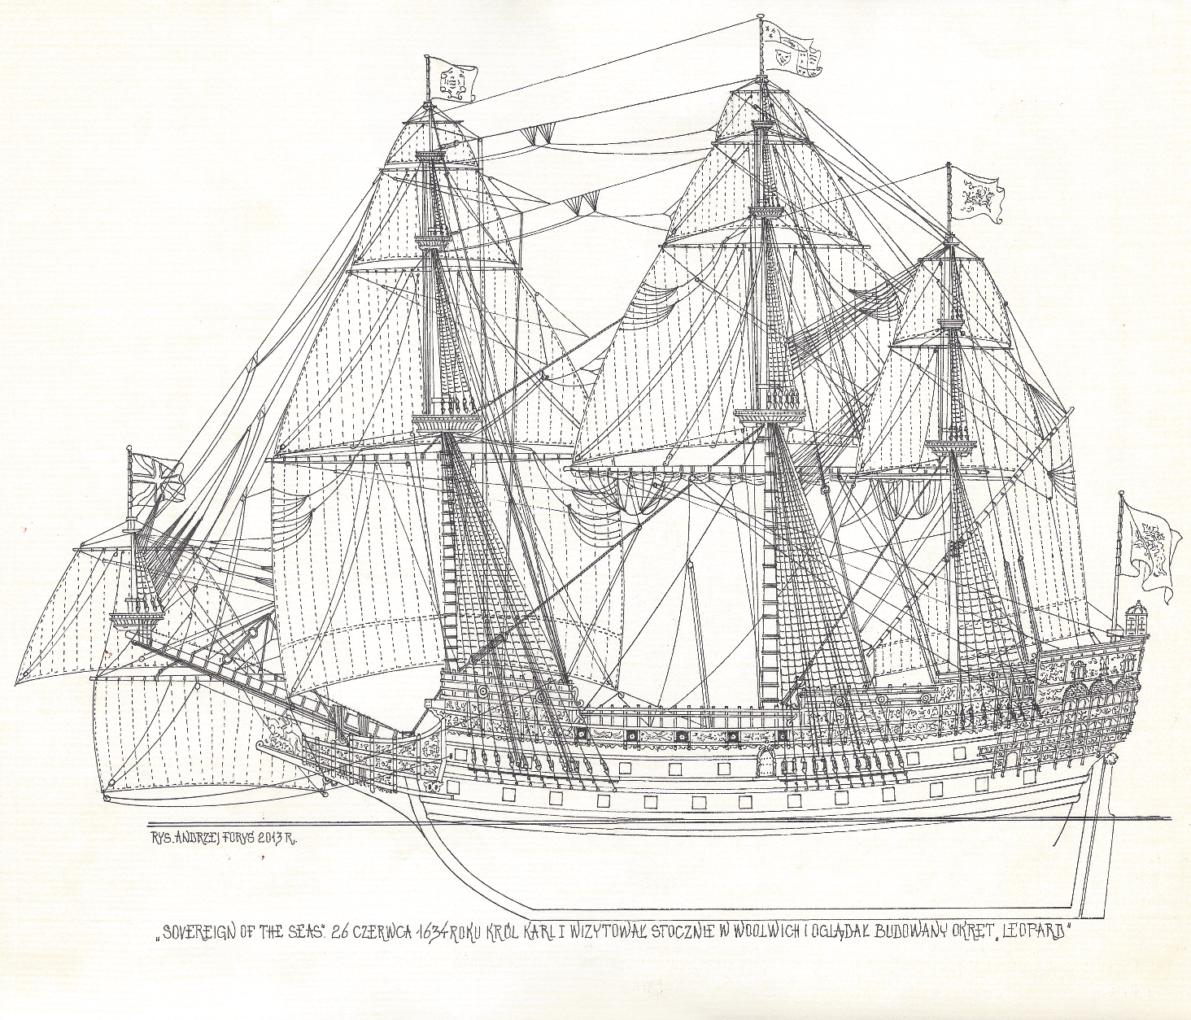 Zamiłowanie do rysunku pozostało na zawsze. Andrzej Foryś, Sovereign of the Seas, 26 czerwca 1694 roku król Karl I wizytował stocznie Voolwich i oglądał budowany okręt Leopard, 2013, rysunek na papierze. Z archiwum artysty